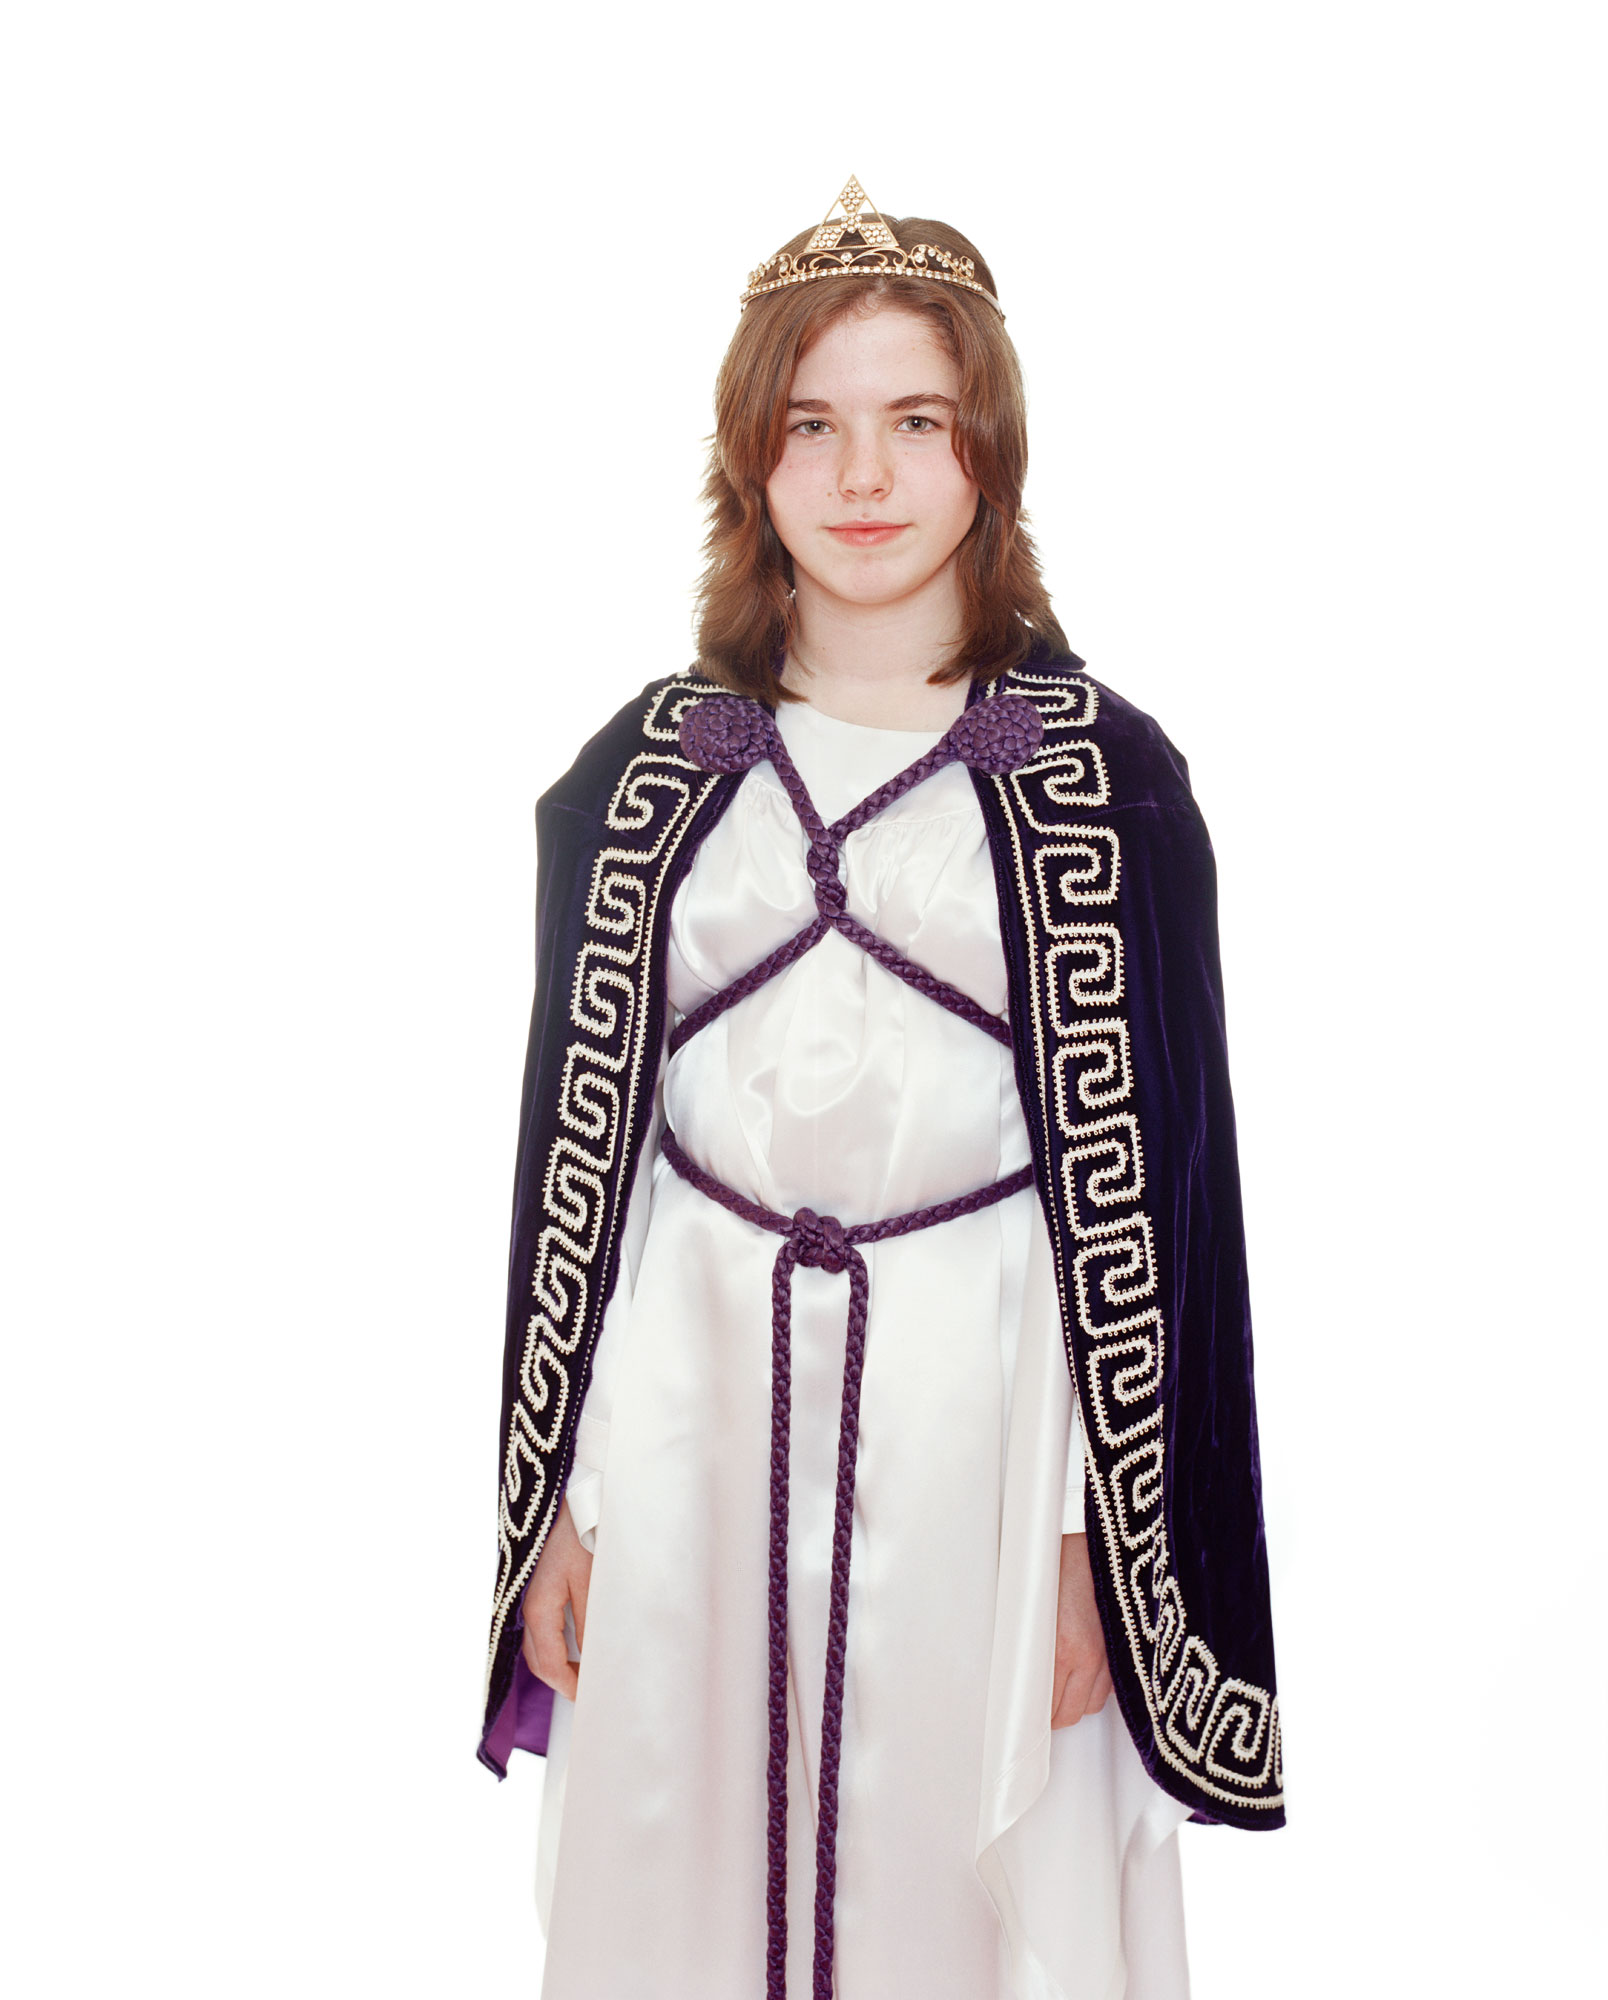 Junior Princess, age 13, PA